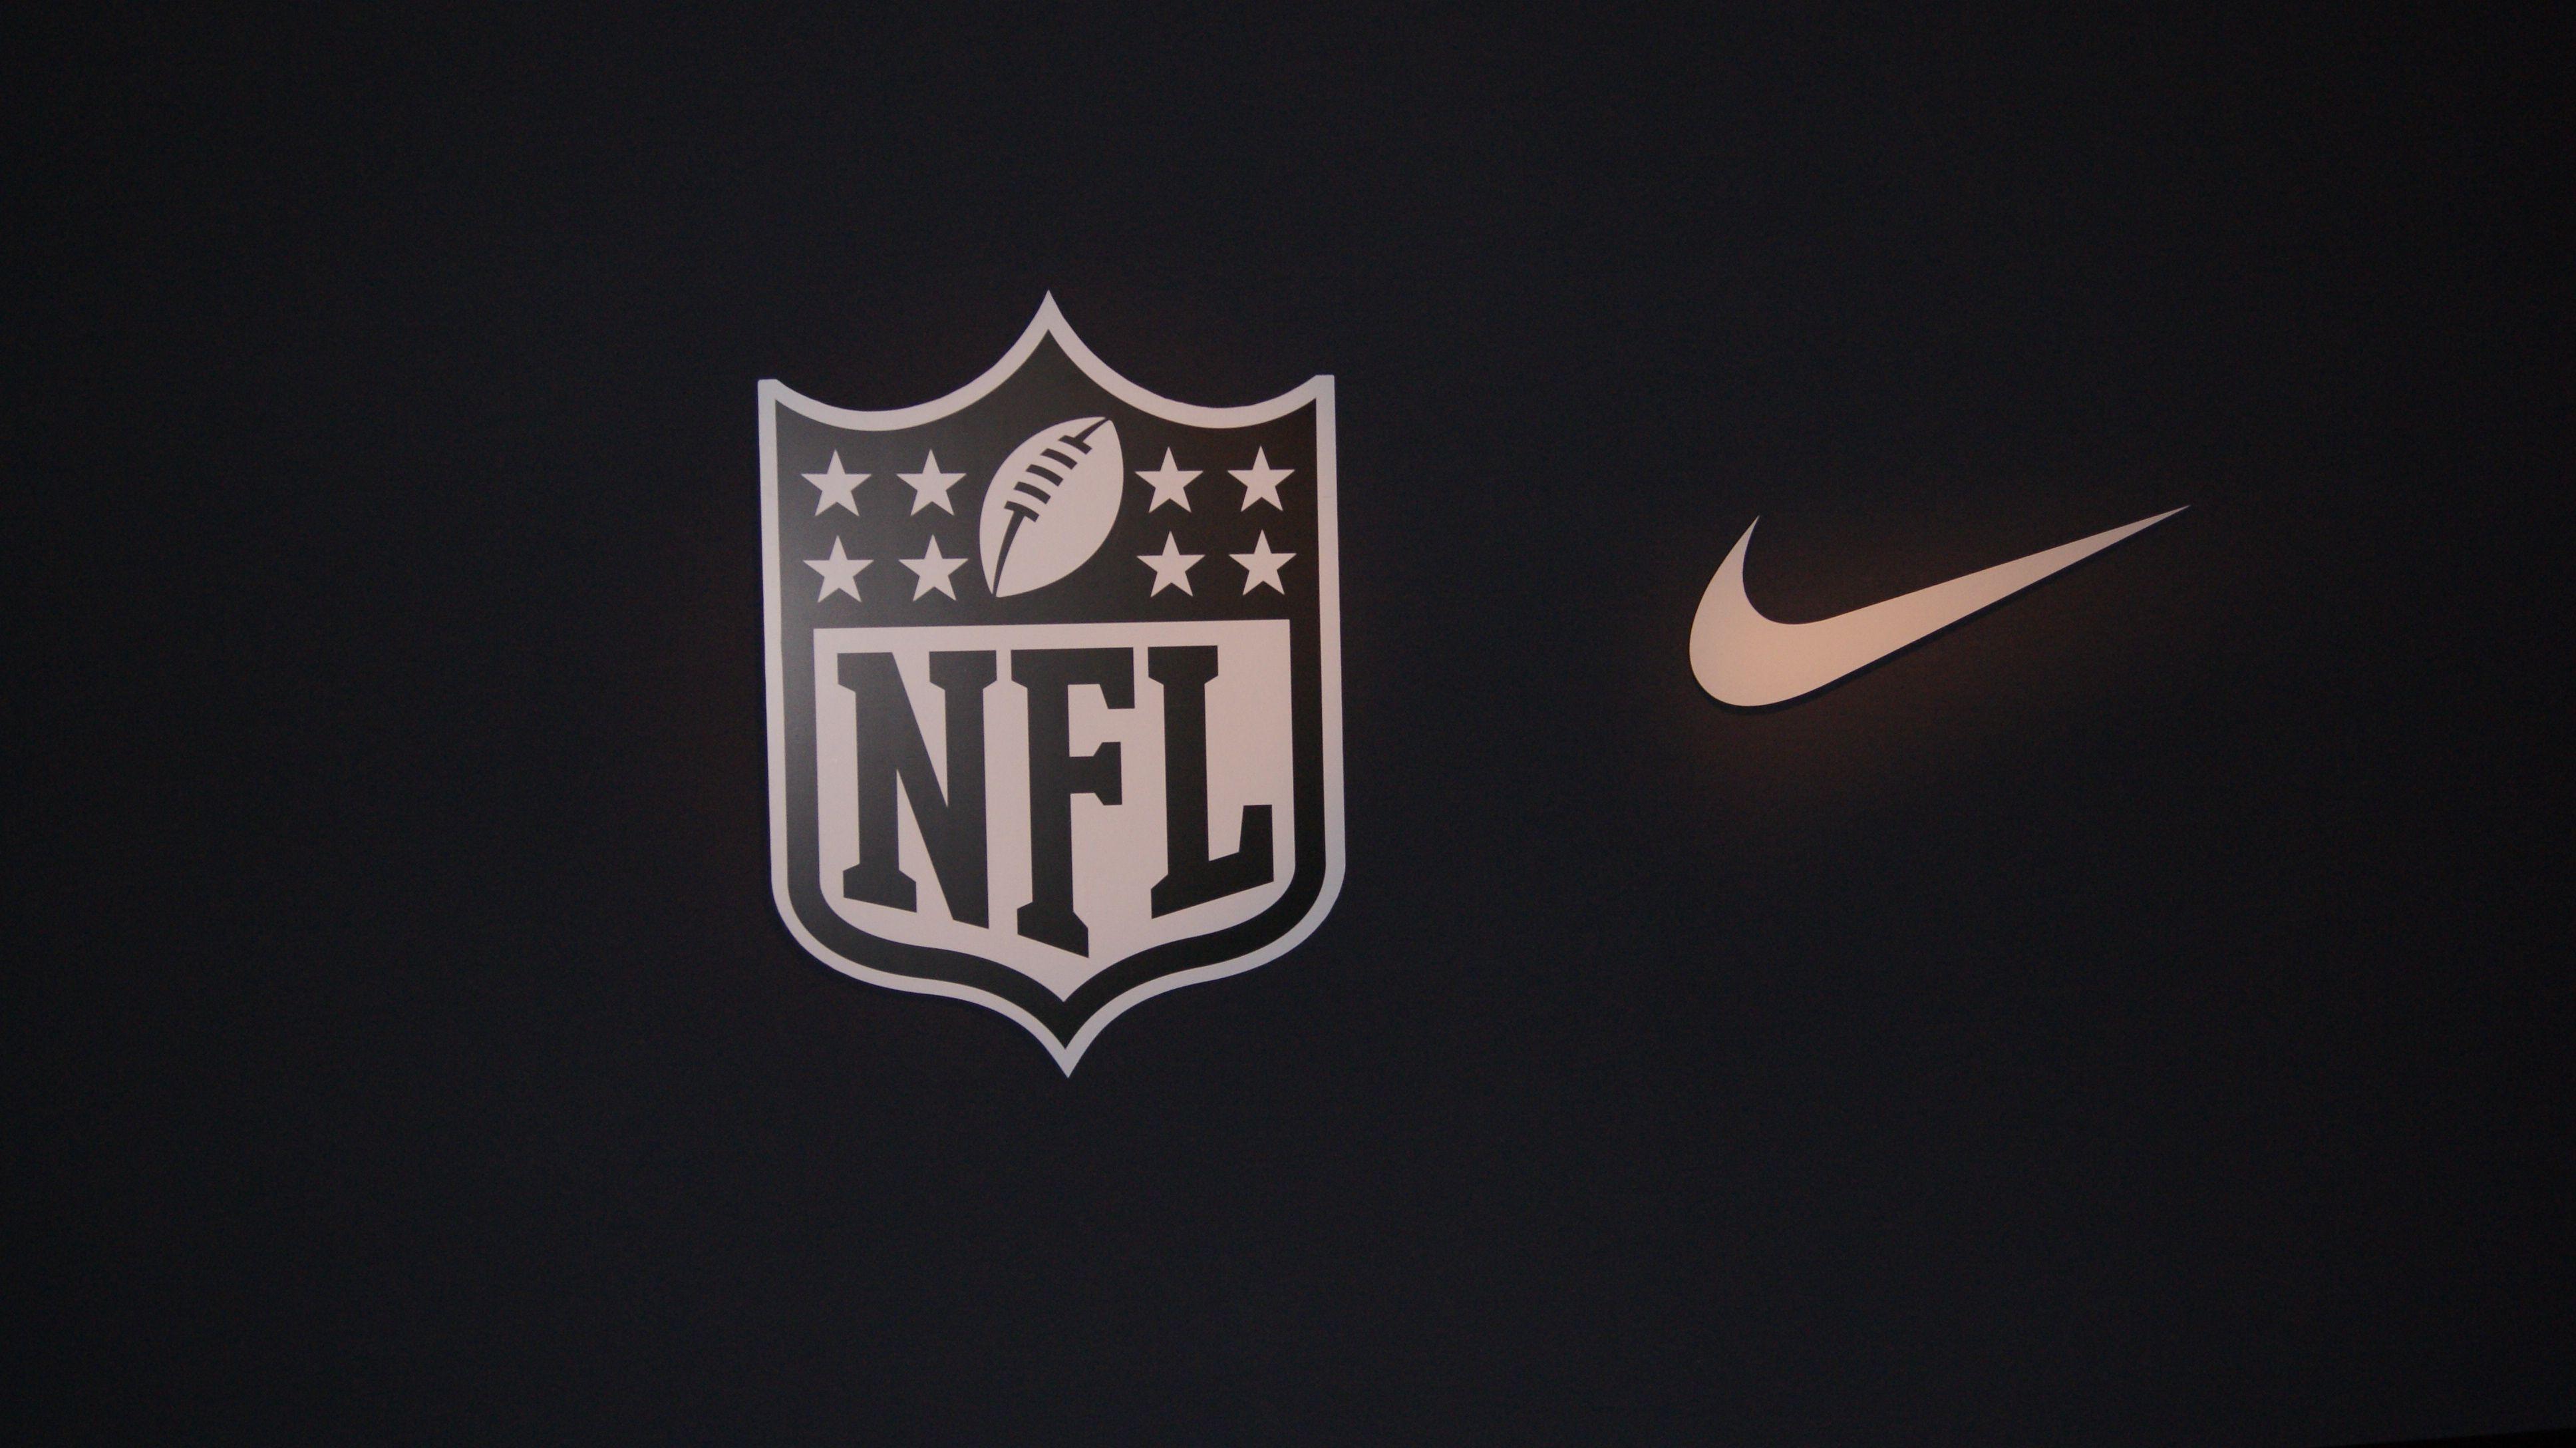 Nike Logo Just Do It Wallpaper Free Is 4K Wallpaper